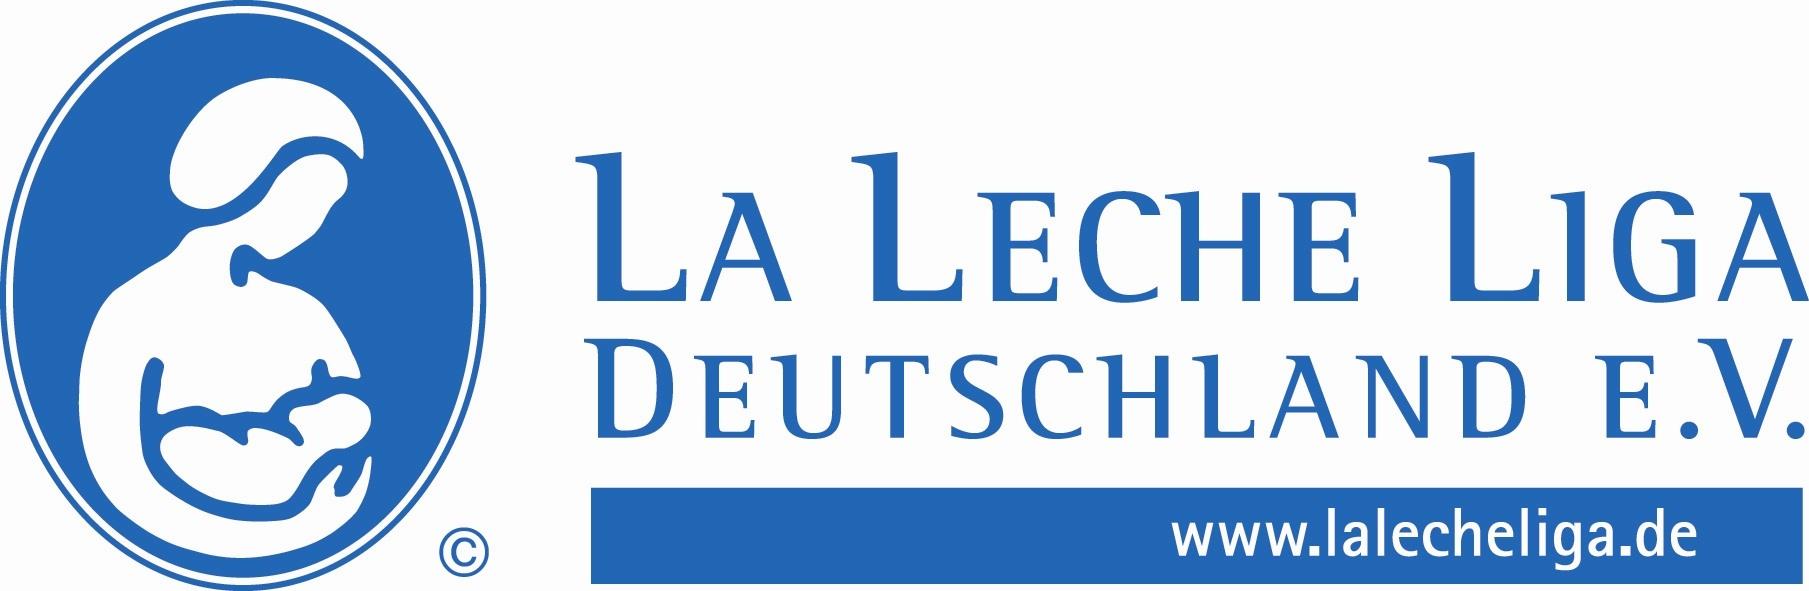 La Leche Liga Deutschland e. V.